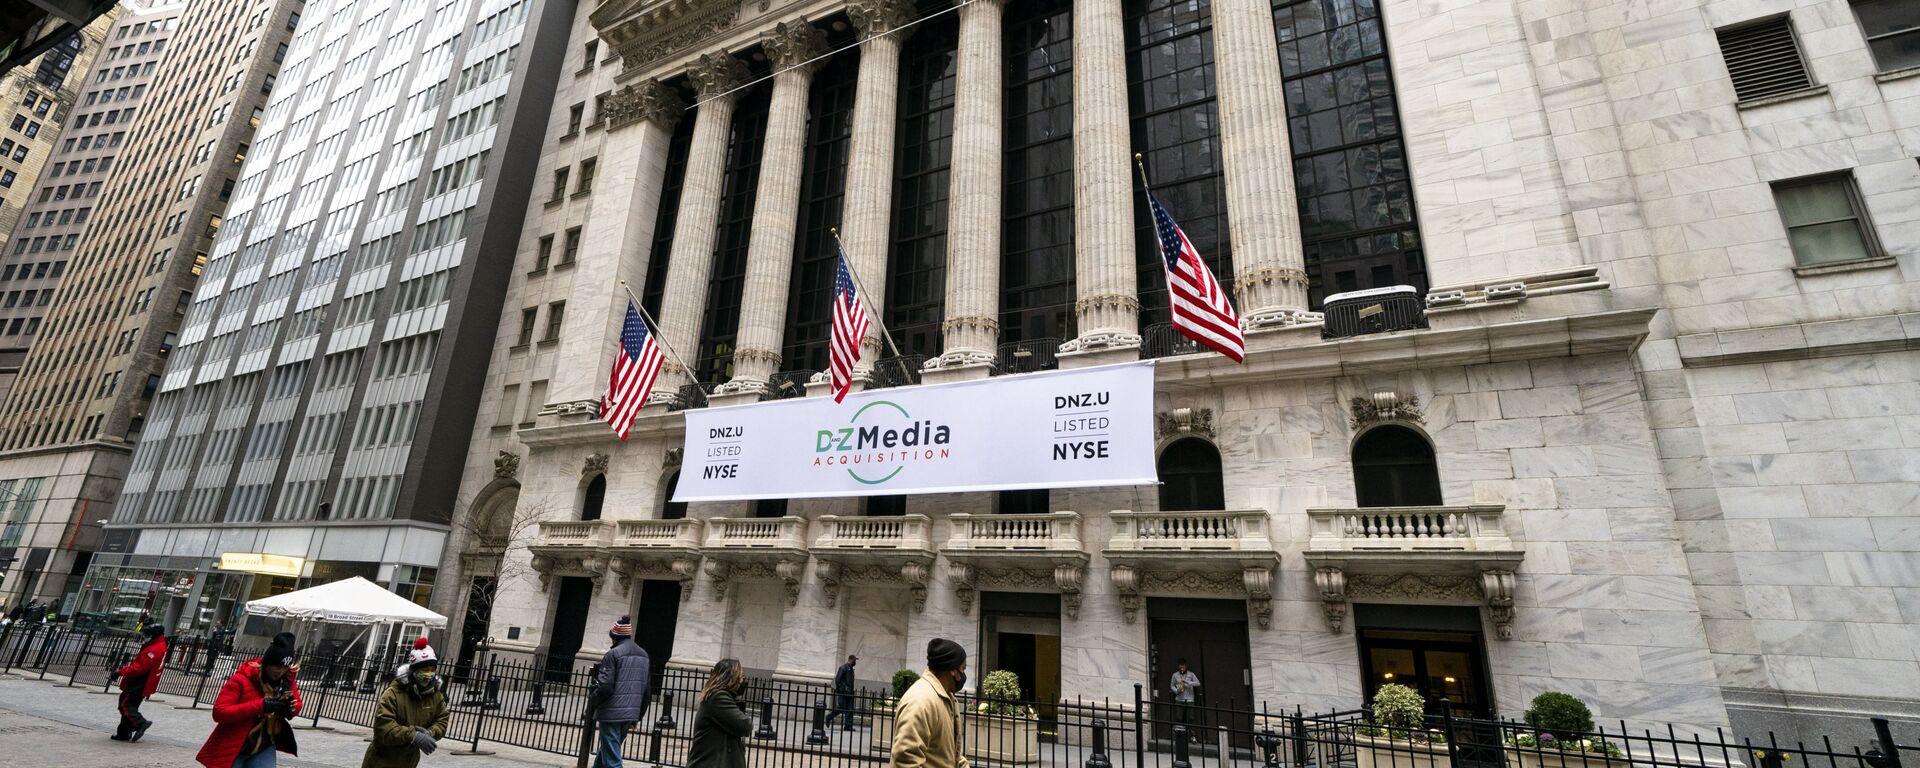 La bolsa de valores en Wall Street (Nueva York) - Sputnik Mundo, 1920, 19.07.2021